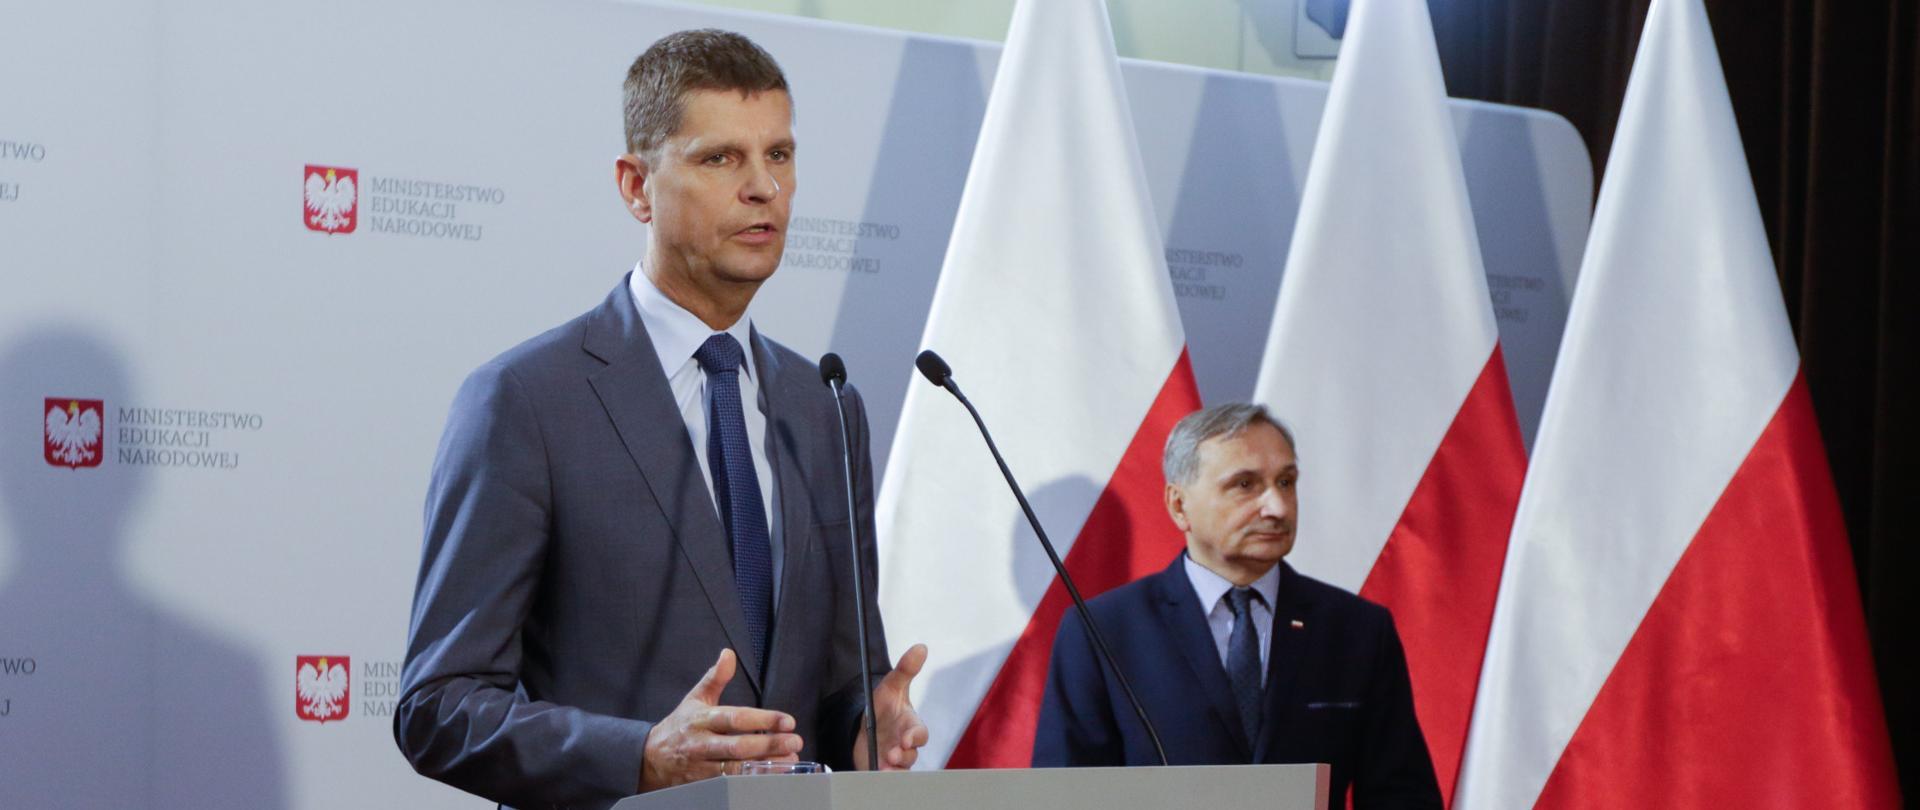 Minister Edukacji Narodowej Dariusz Piontkowski i wiceminister Maciej Kopeć podczas konferencji. W tle biała ścianka z logo ministerstwa oraz flagi Polski.